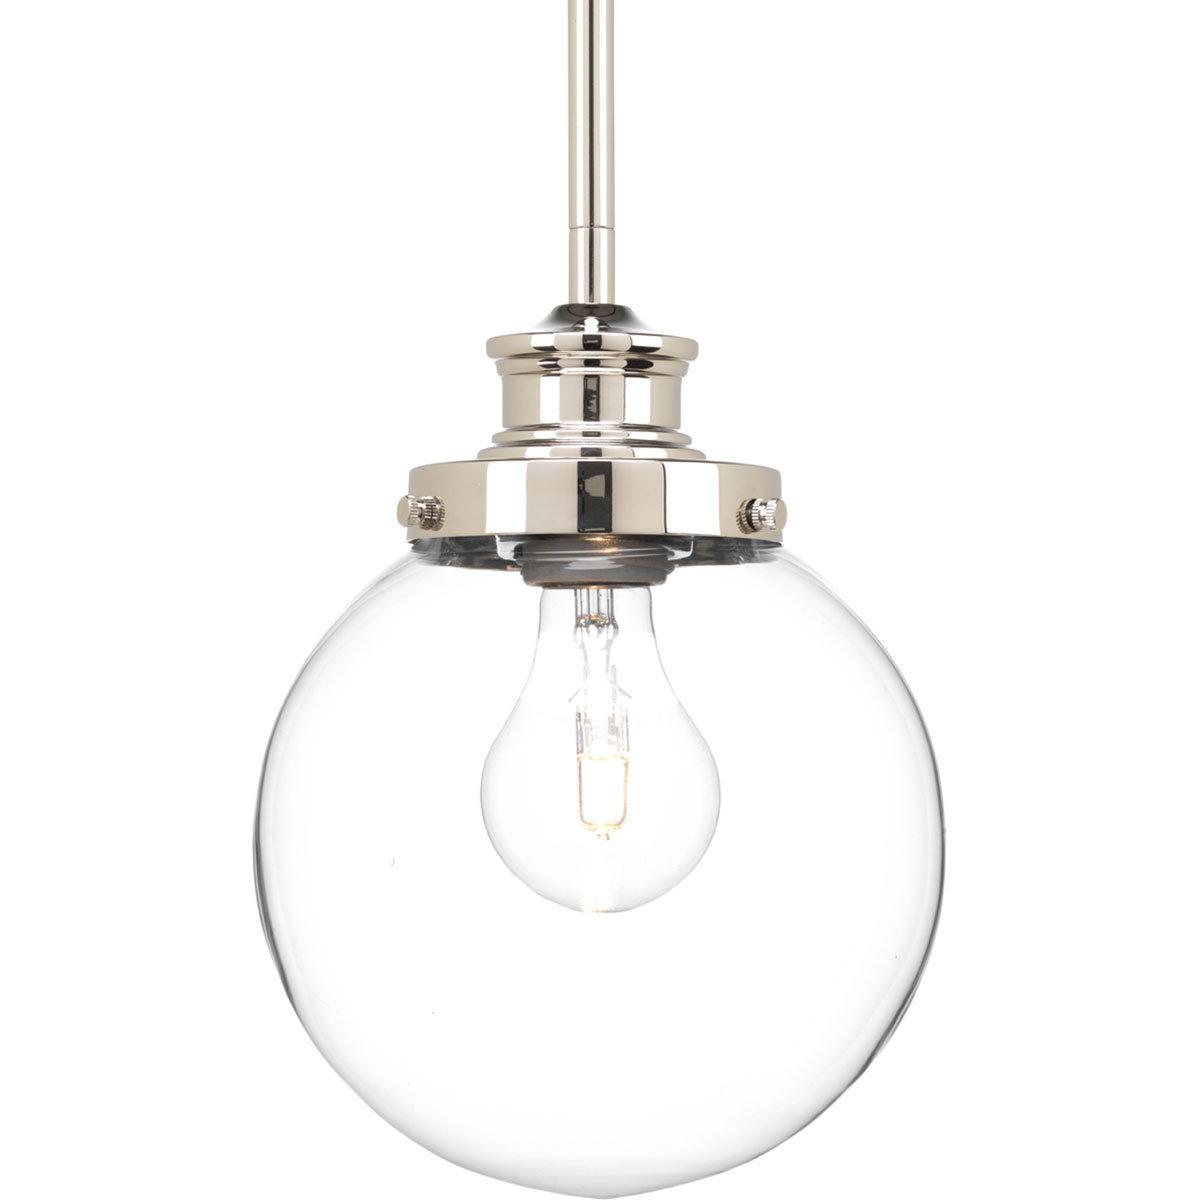 Bautista 1 Light Single Globe Pendants Within 2020 Cayden 1 Light Single Globe Pendant (View 11 of 20)